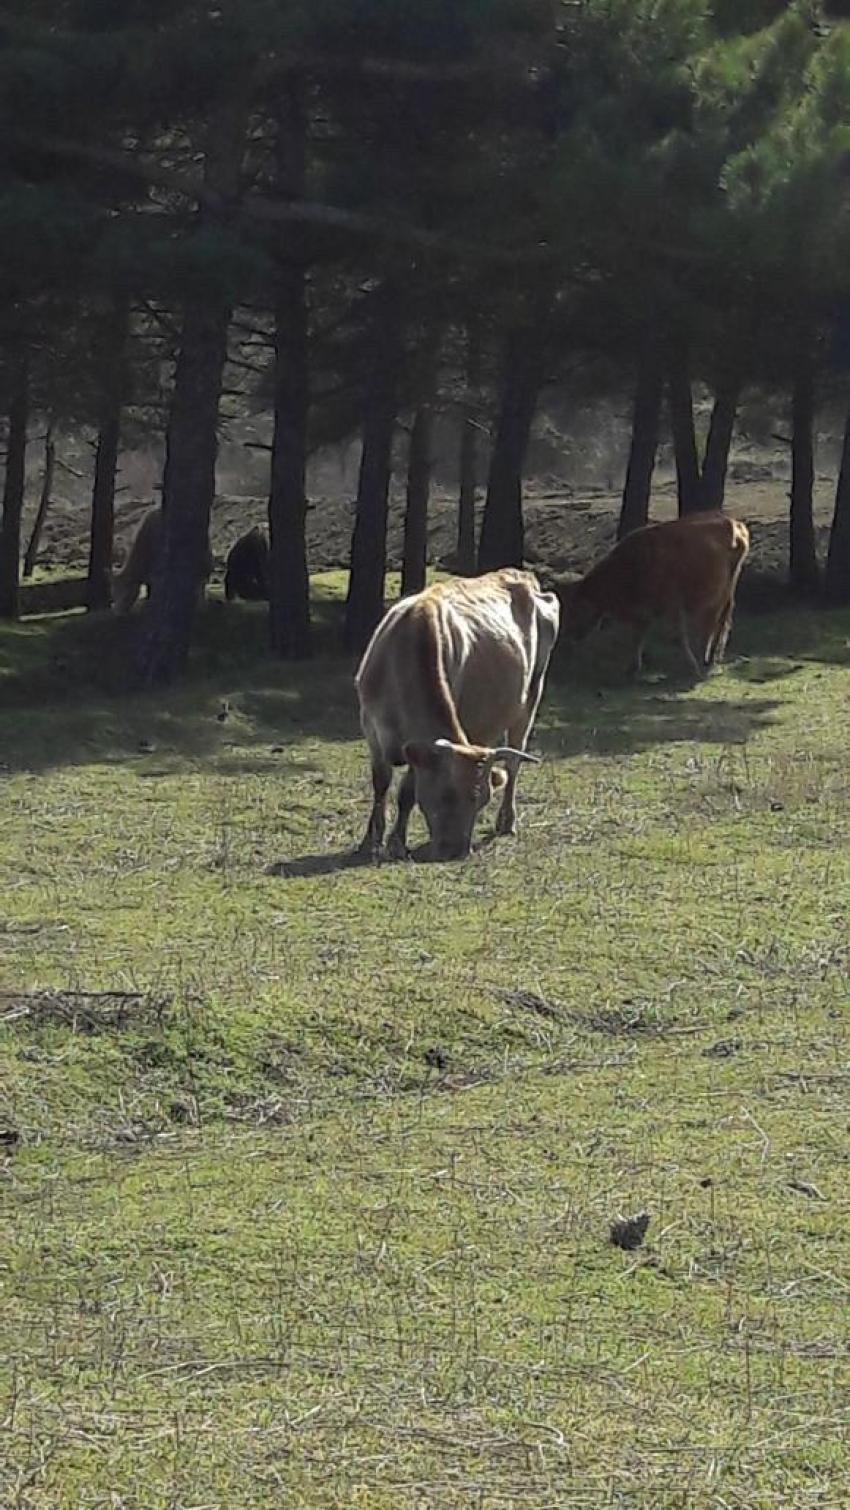 В Дагестане начнут штрафовать за выпас коров в лесу